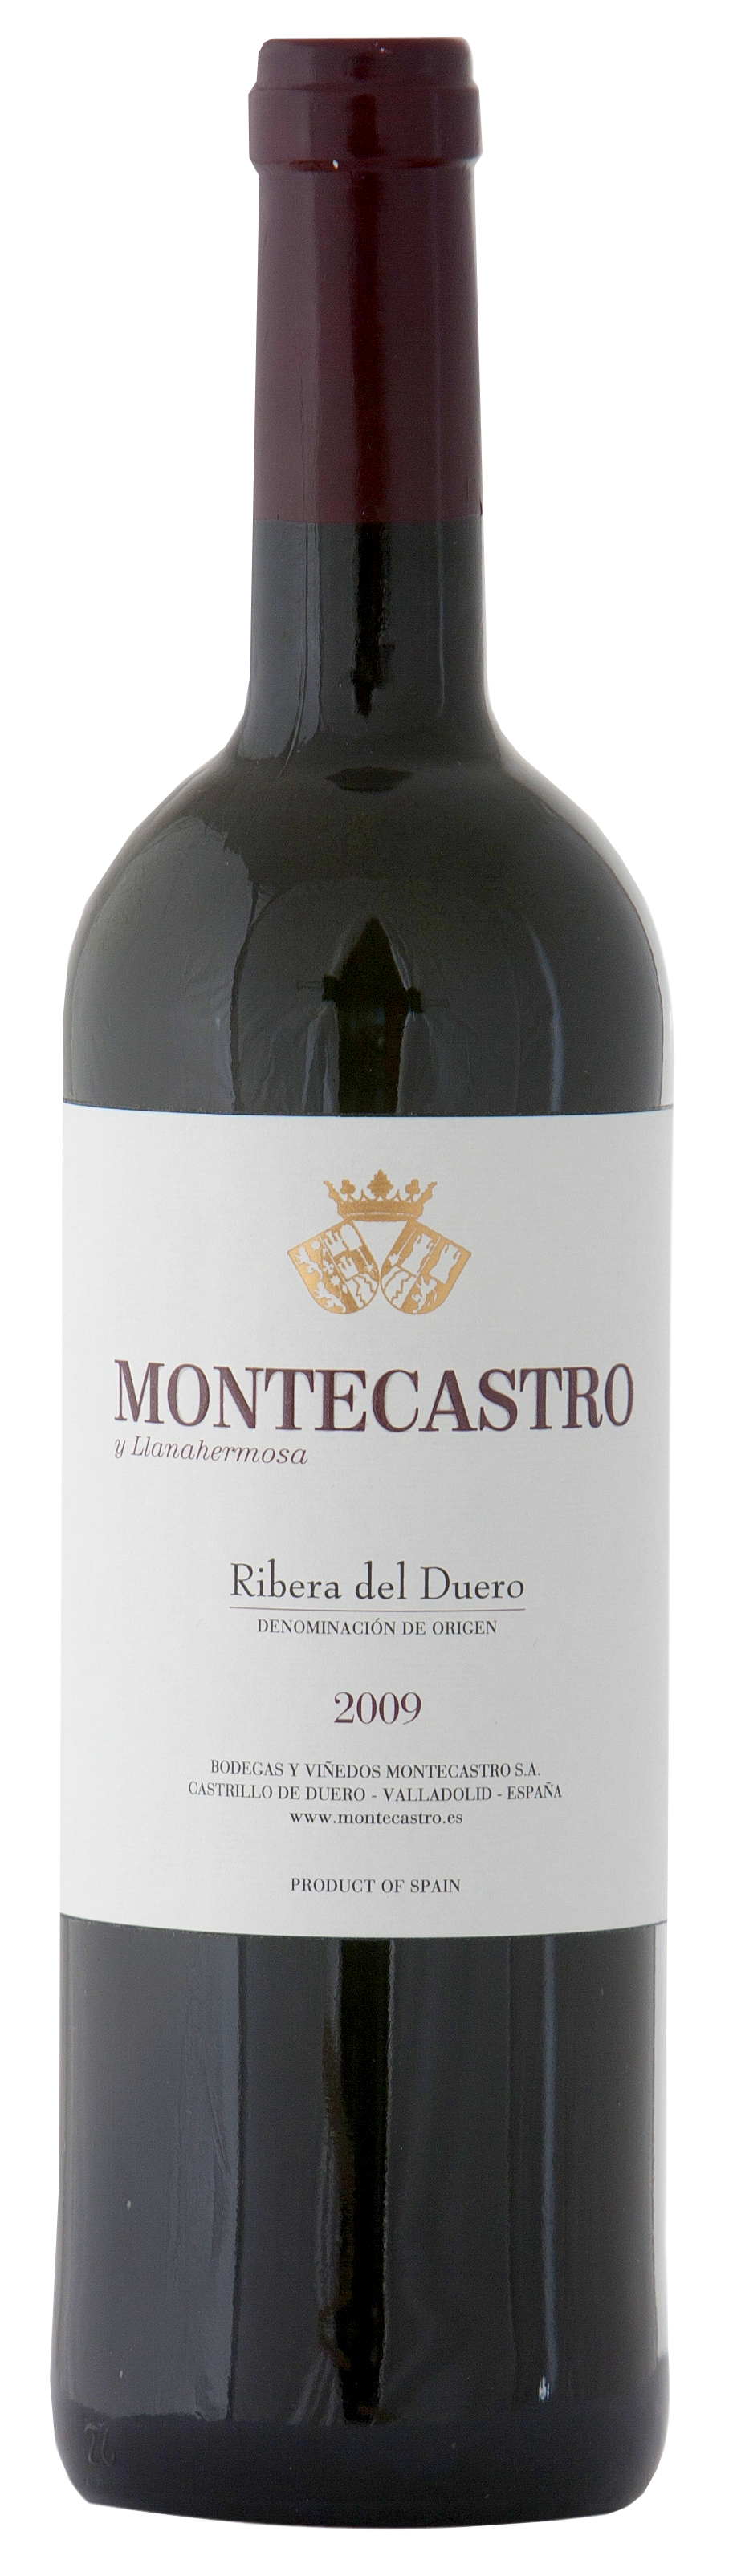 Montecastro tinto 2009